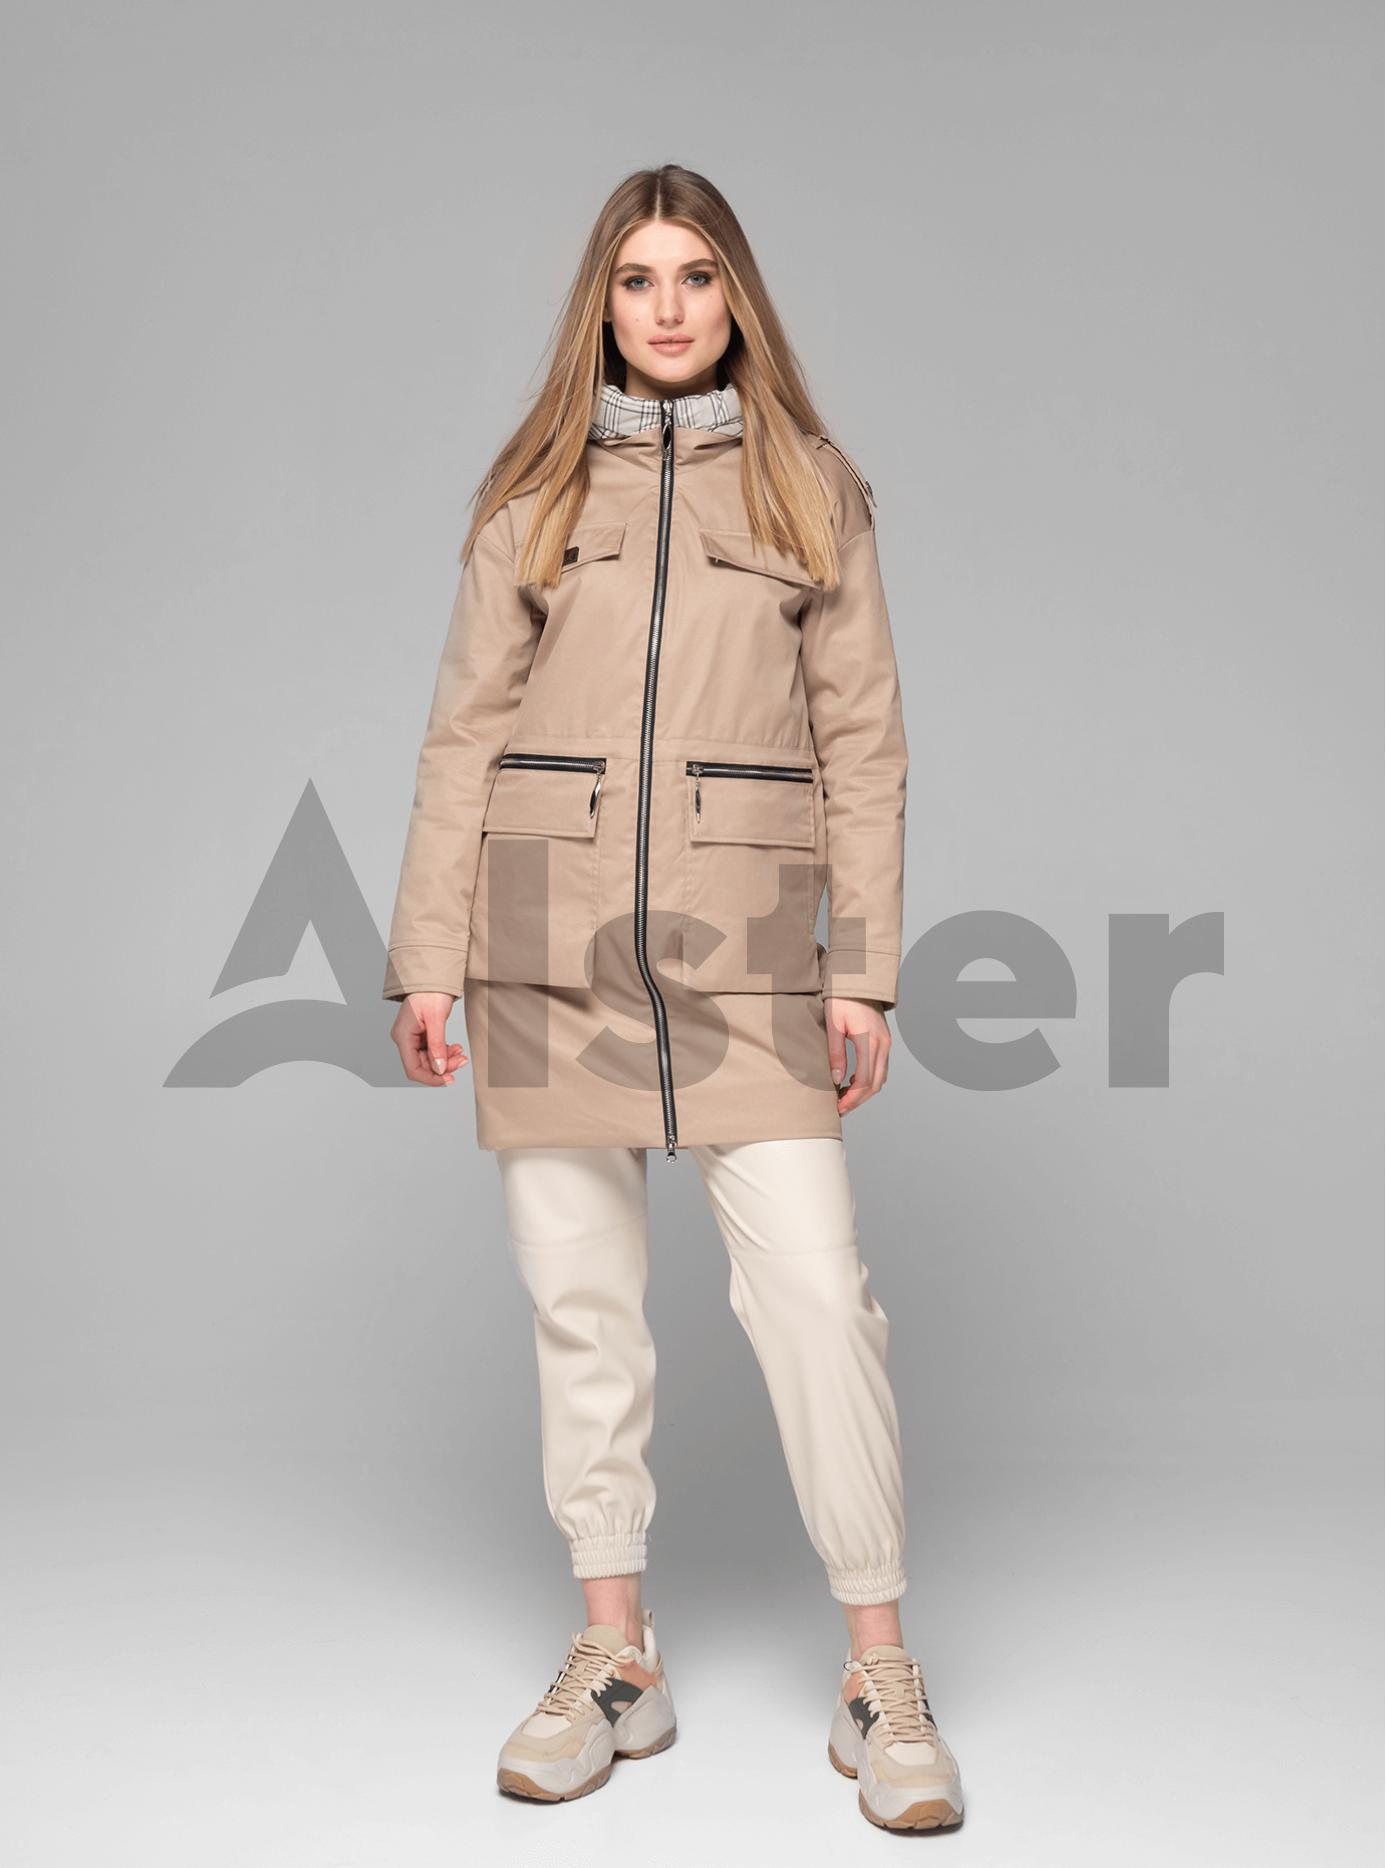 Куртка демисезонная женская средней длины Бежевый M (02-V191031): фото - Alster.ua